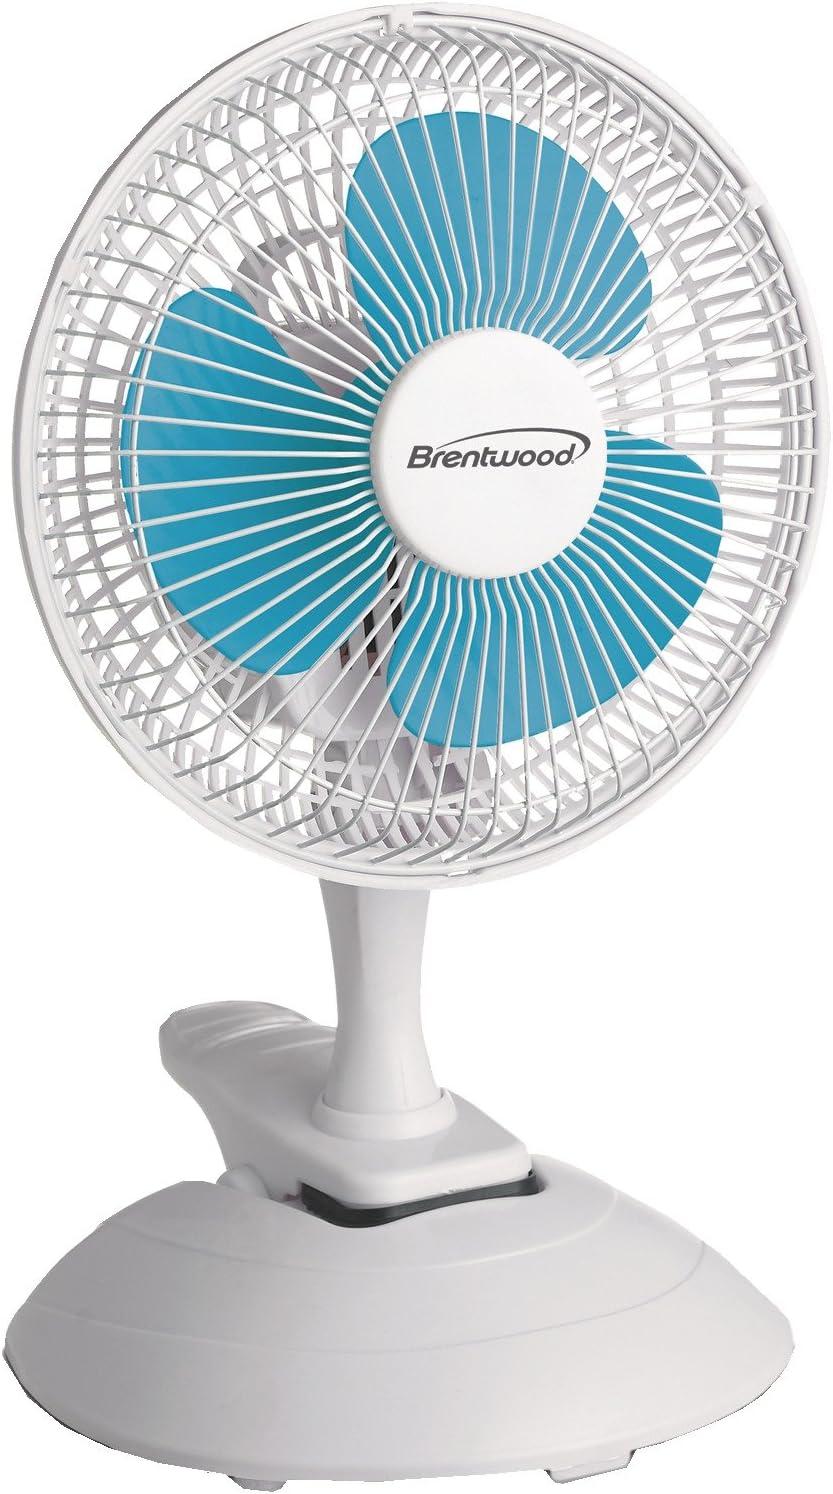 Brentwood Kool Zone Clip On Desk Fan, 2-Speed 6-inch, White